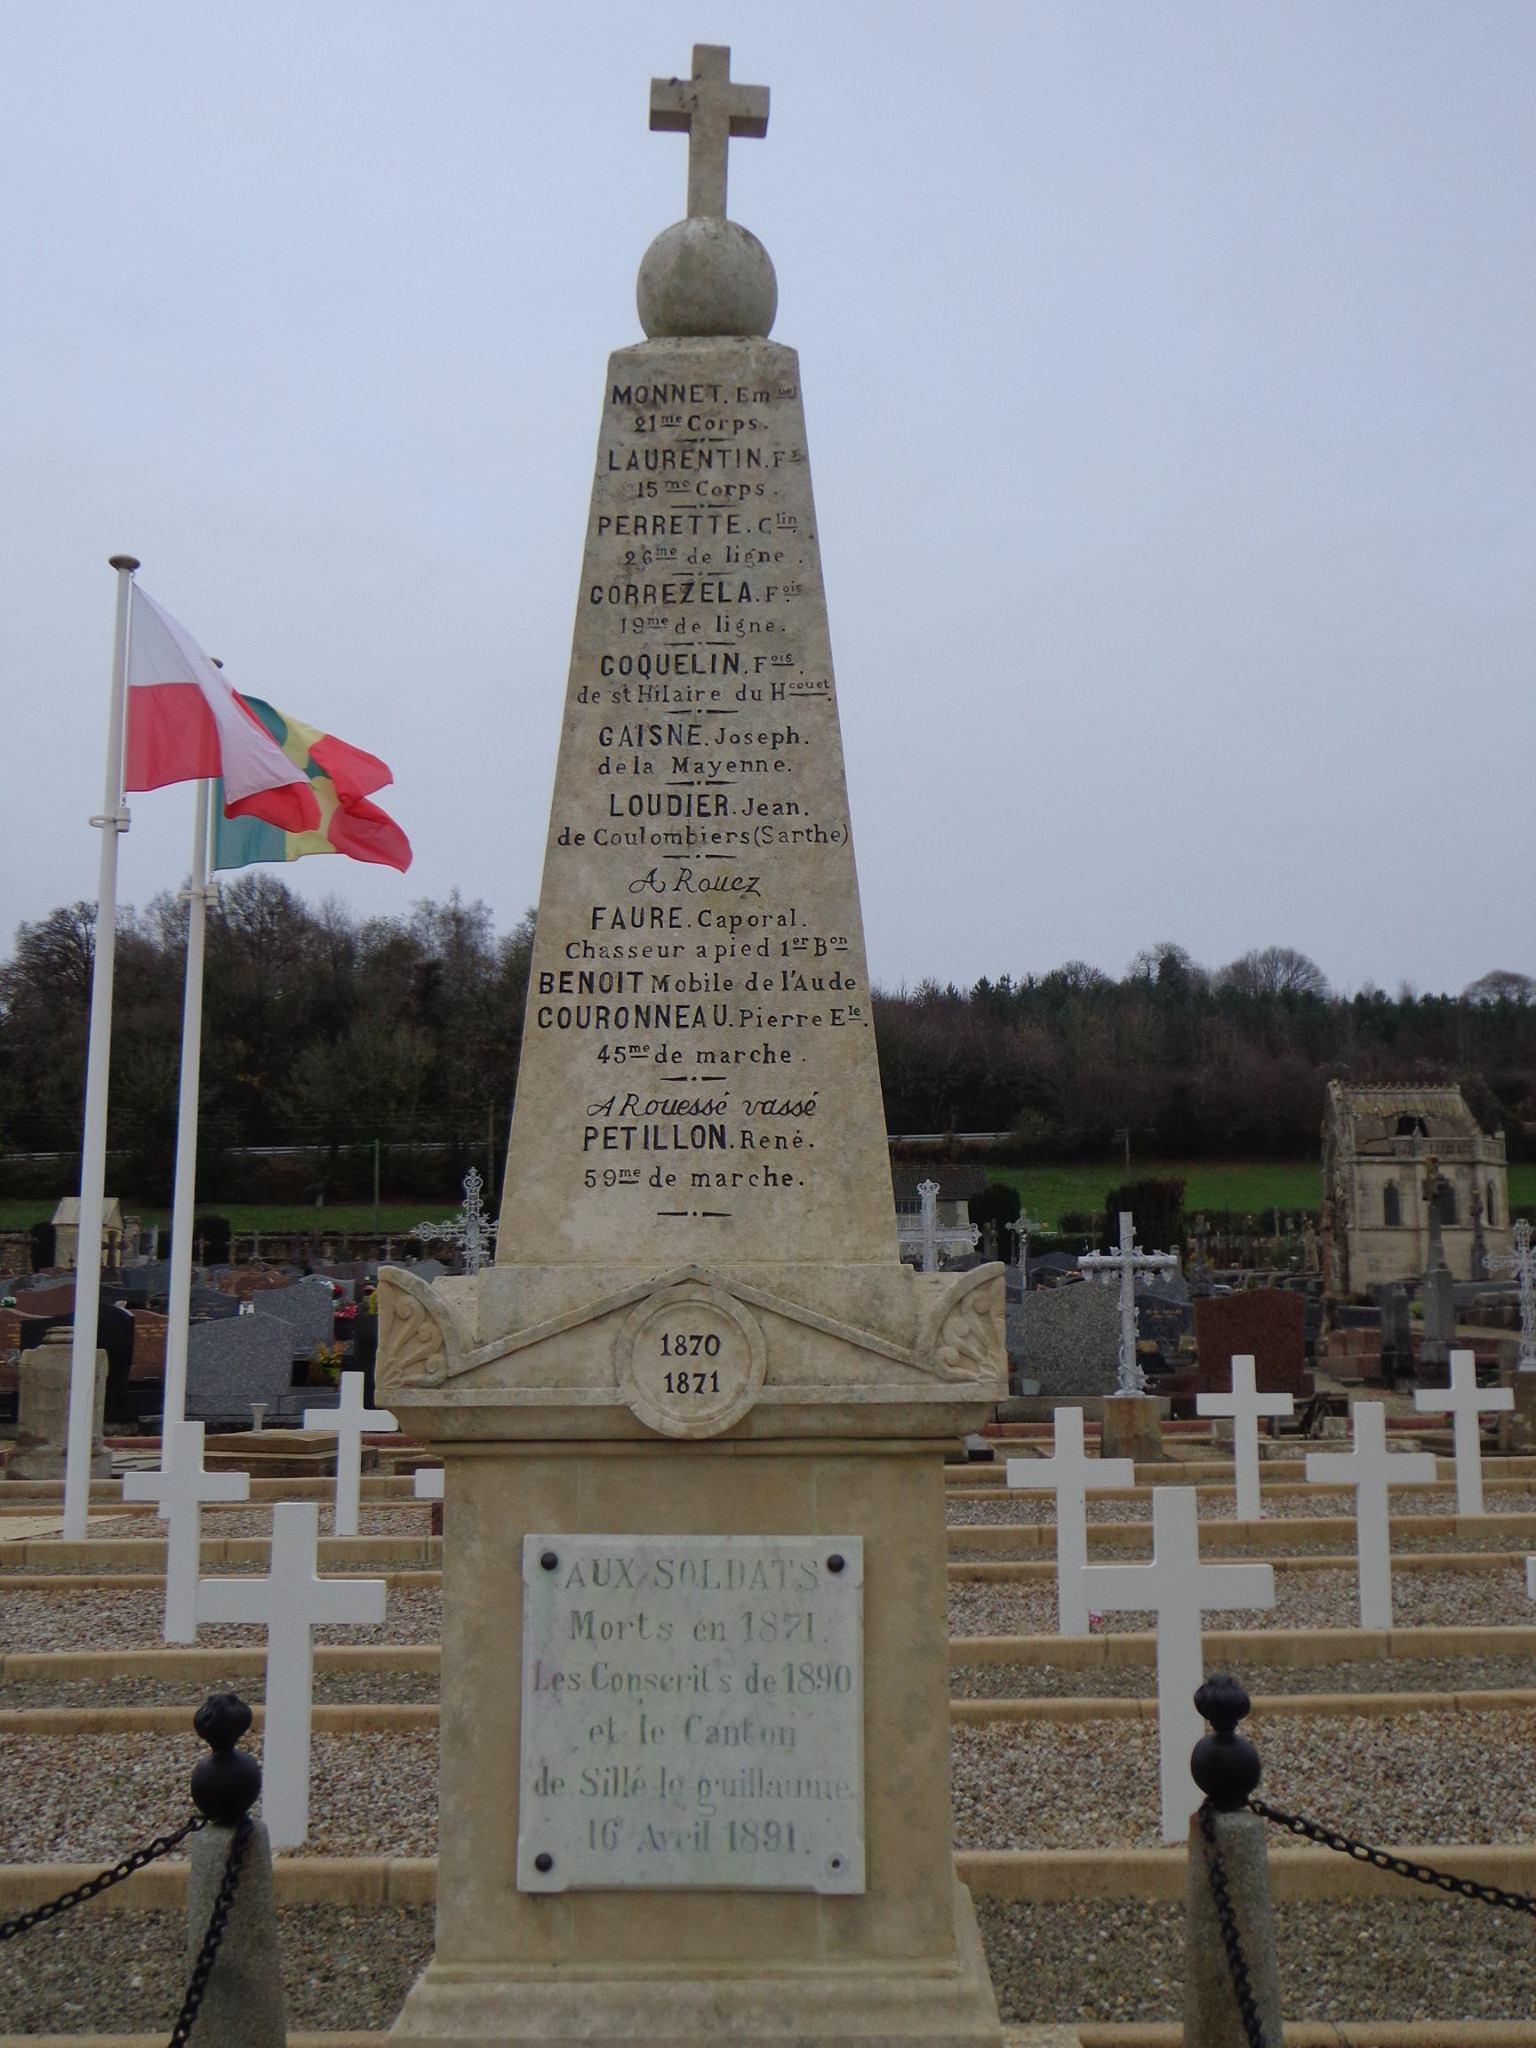 Sillé le Guillaume - Monument commémoratif - Monument aux morts - Vue 03 (Marie-Yvonne Mersanne)